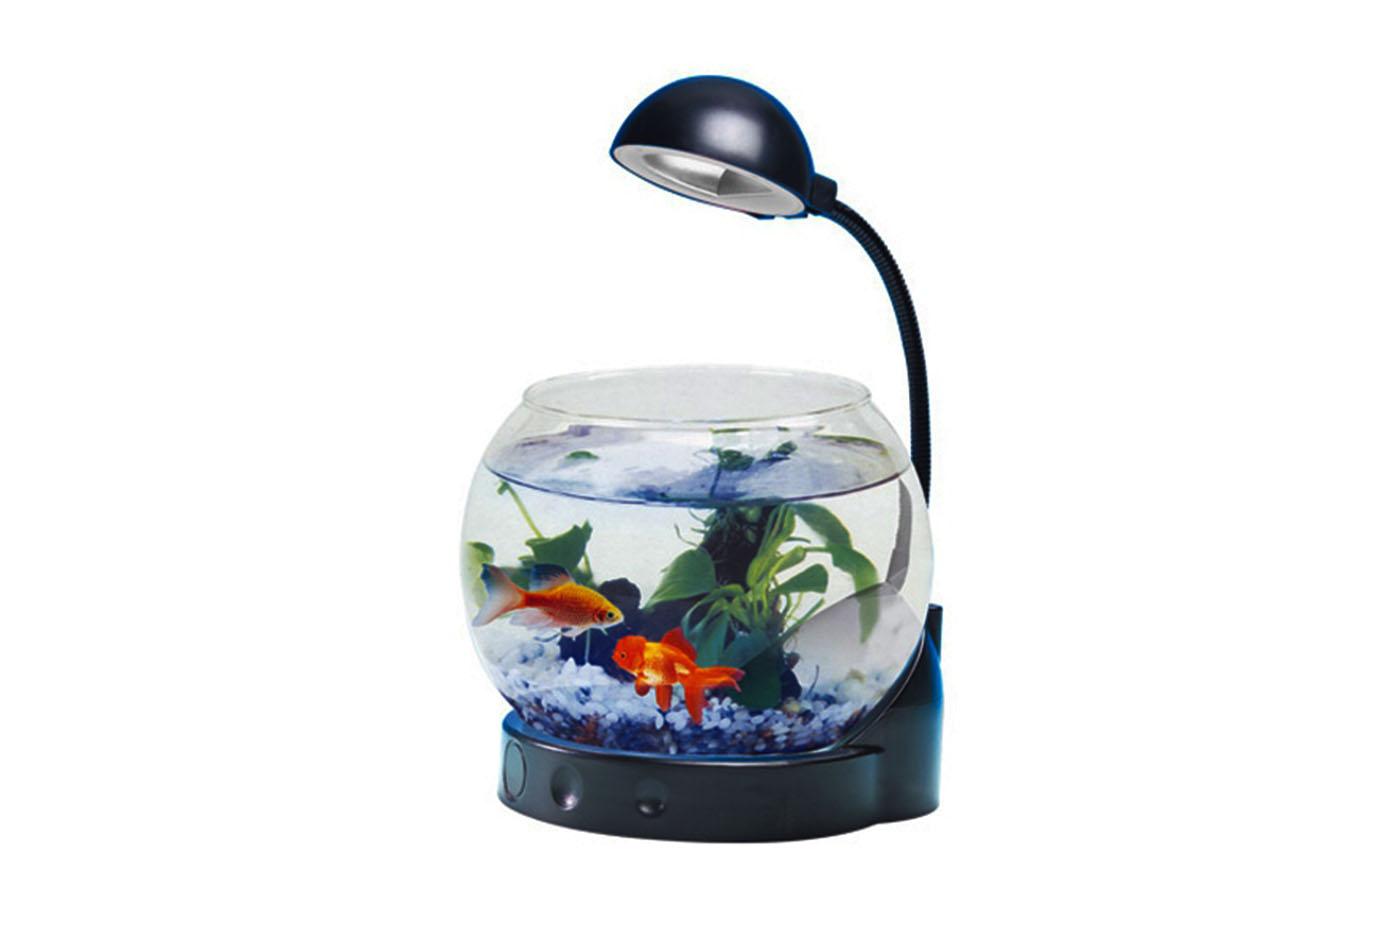 Bes 25504 Acquariologia Beselettronica Mini Acquario Vetro Con Illuminazione A Led Boccia Pesci Con Lampada Tg 01